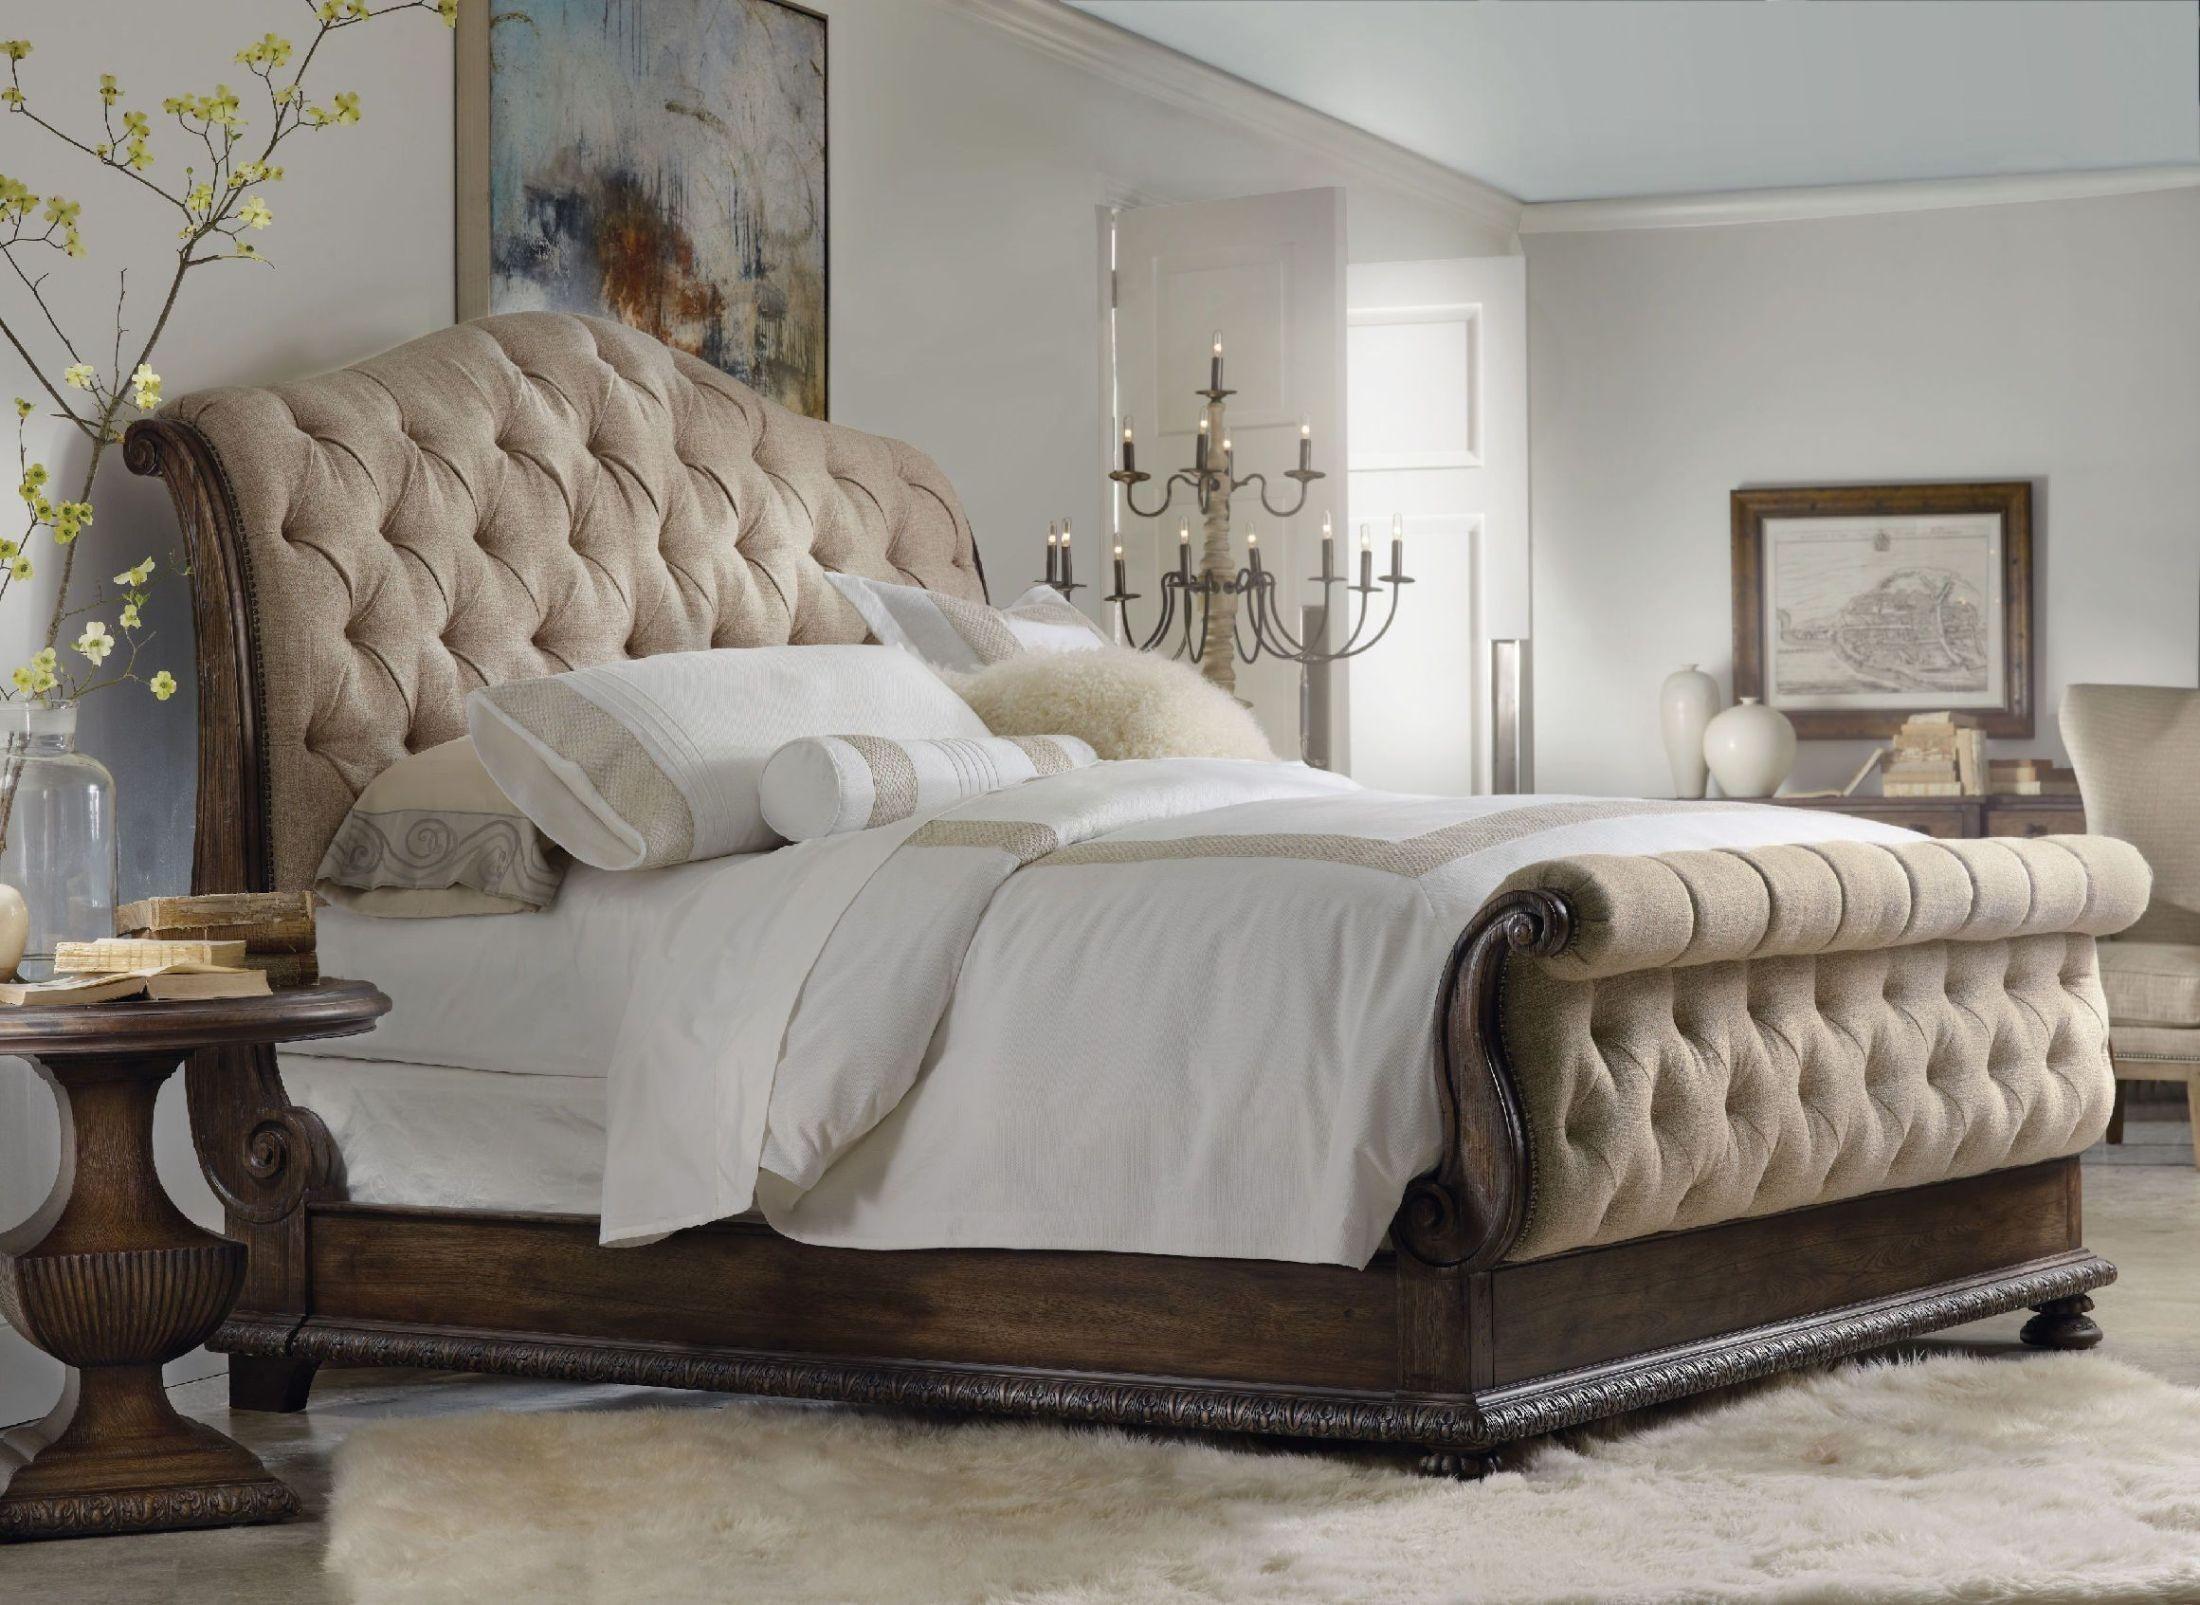 Rhapsody Beige Tufted Sleigh Bedroom Set From Hooker